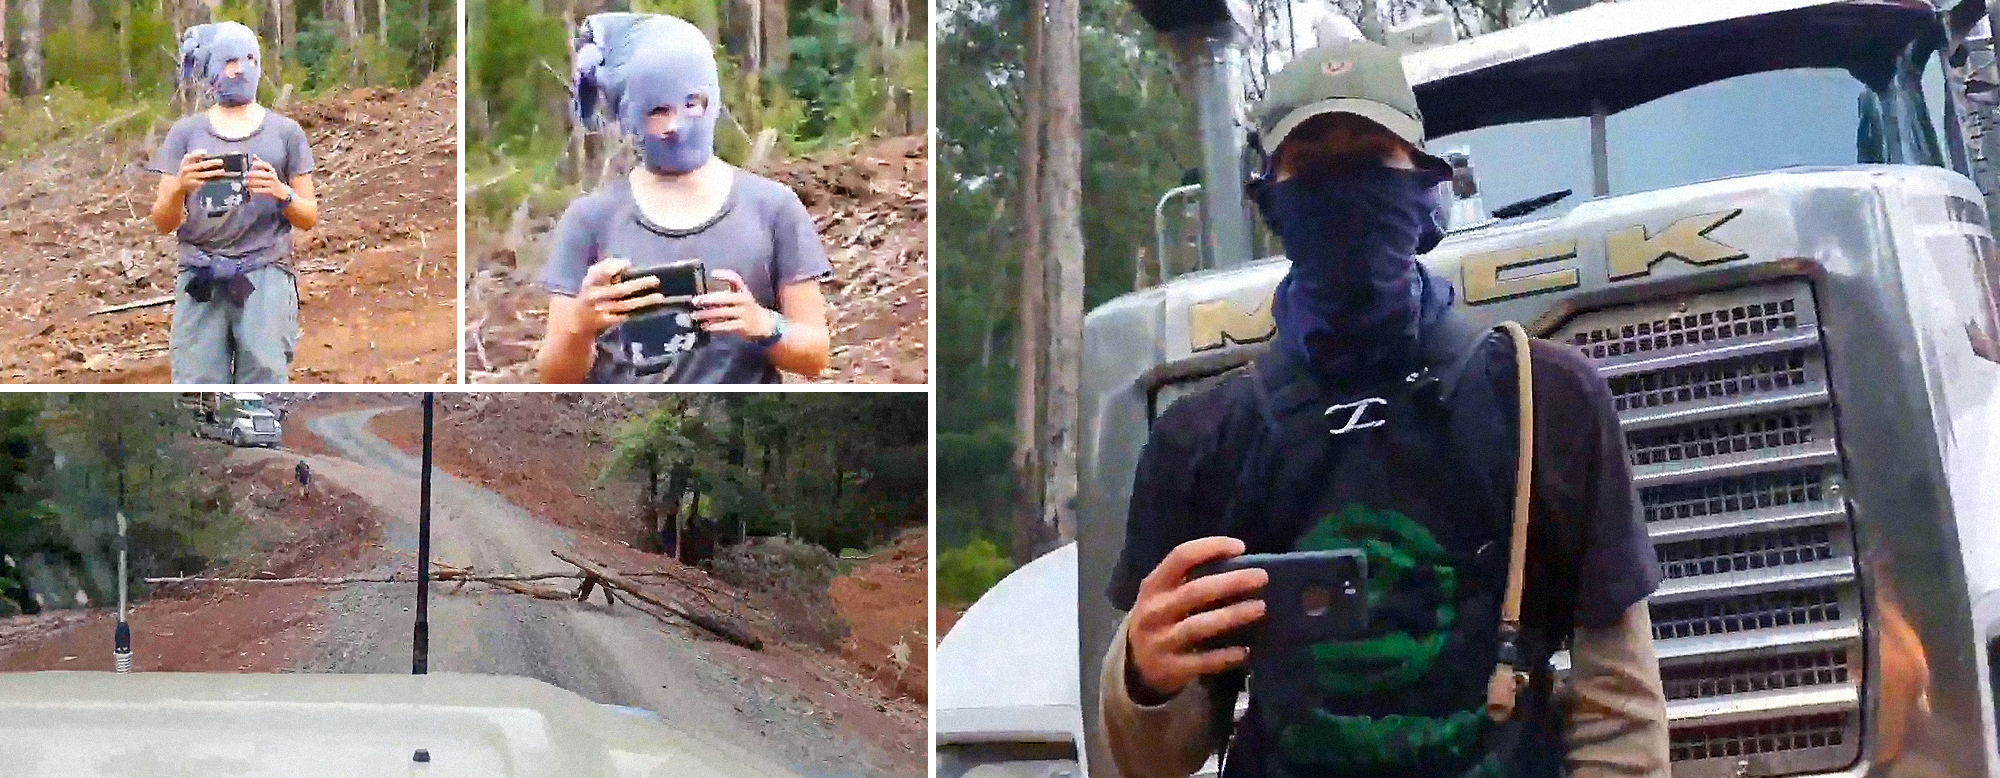 VIDEO: Climate activists prevent state-approved timber harvest weeks after devastating bushfires · Caldron Pool